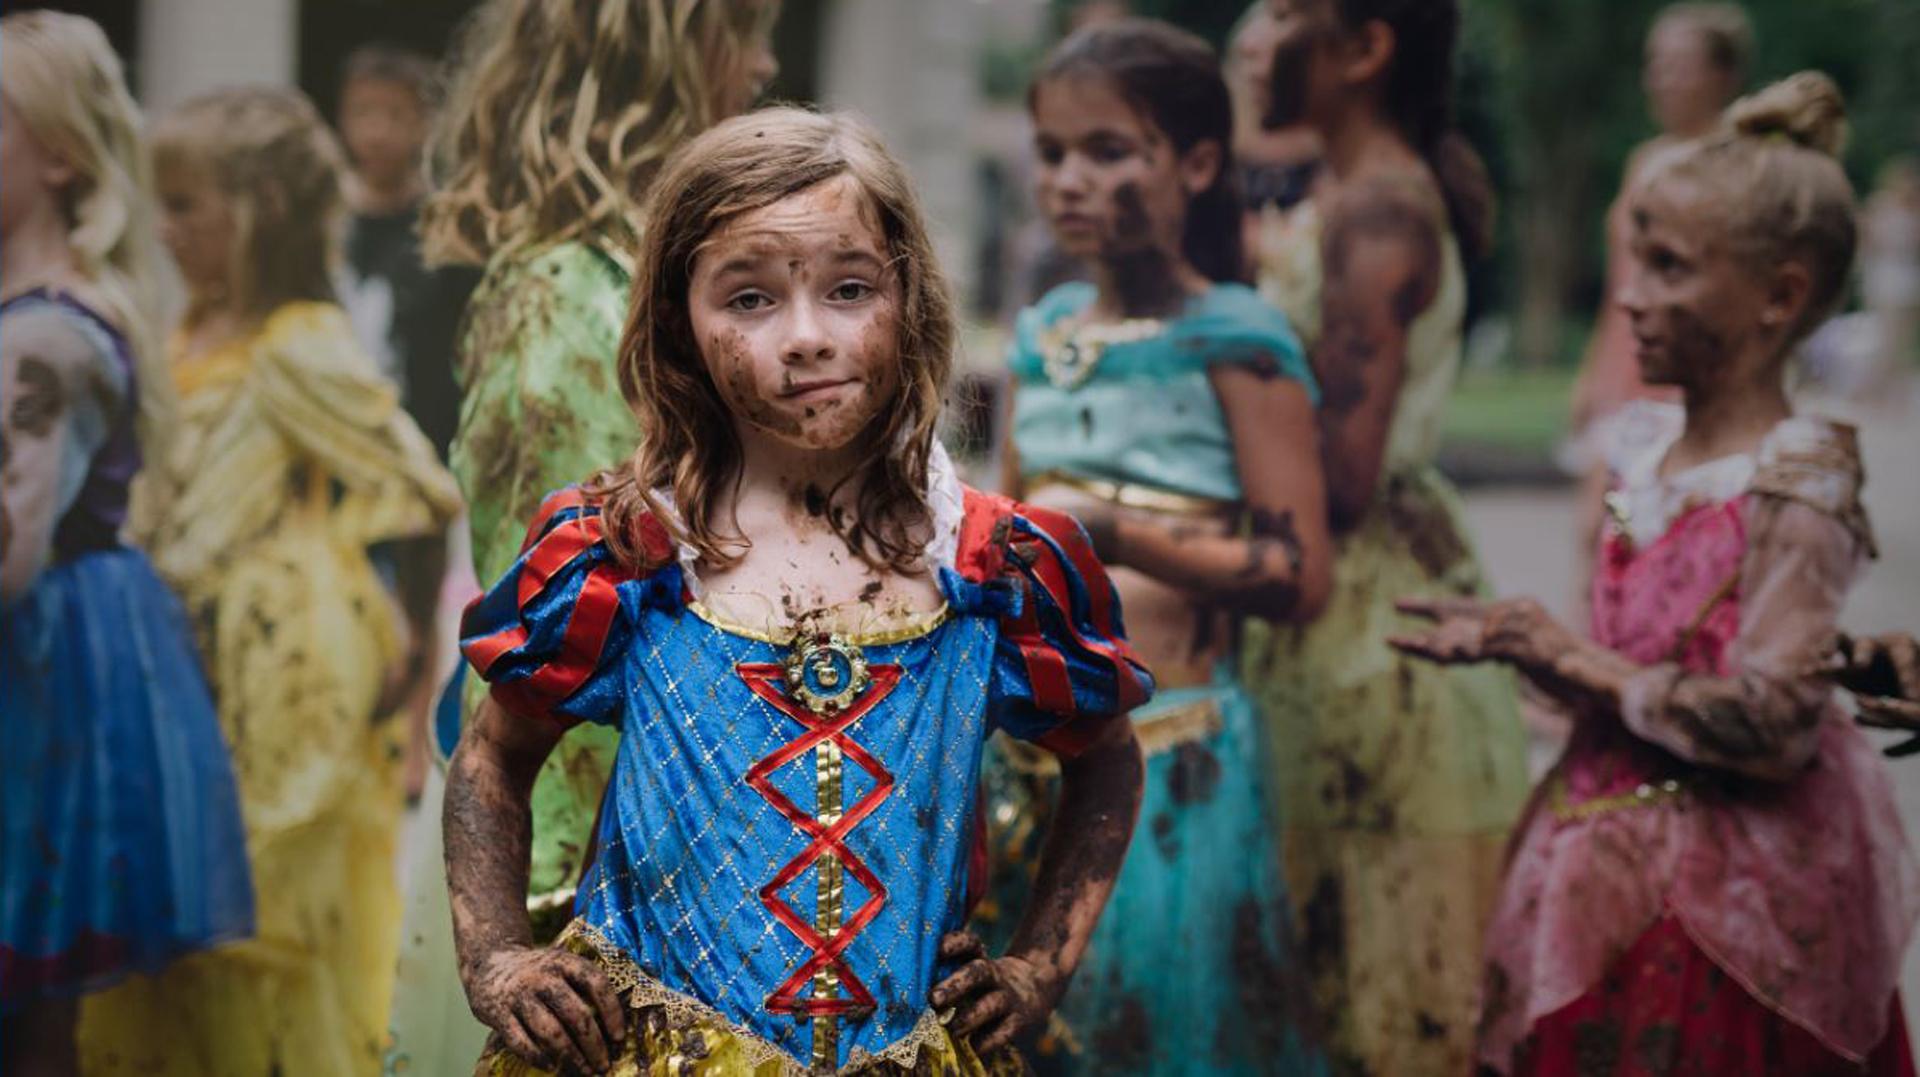 En 2016 Disney lanzó Soy Princesa Siendo Yo, una campaña que alienta a las niñas de todo el mundo a ser protagonistas de sus propias historias y a soñar en grande, inspirándose a través de las cualidades que cada una de las Princesas Disney demuestra a través de sus aventuras, como la valentía de Mérida o la perserverancia de Tiana. Mientras que cada princesa tiene sus propias características únicas y admirables, lo que todas tienen en común es la resiliencia y la habilidad de triunfar superando adversidades a fin de realizar sus sueños (Kate Parker)